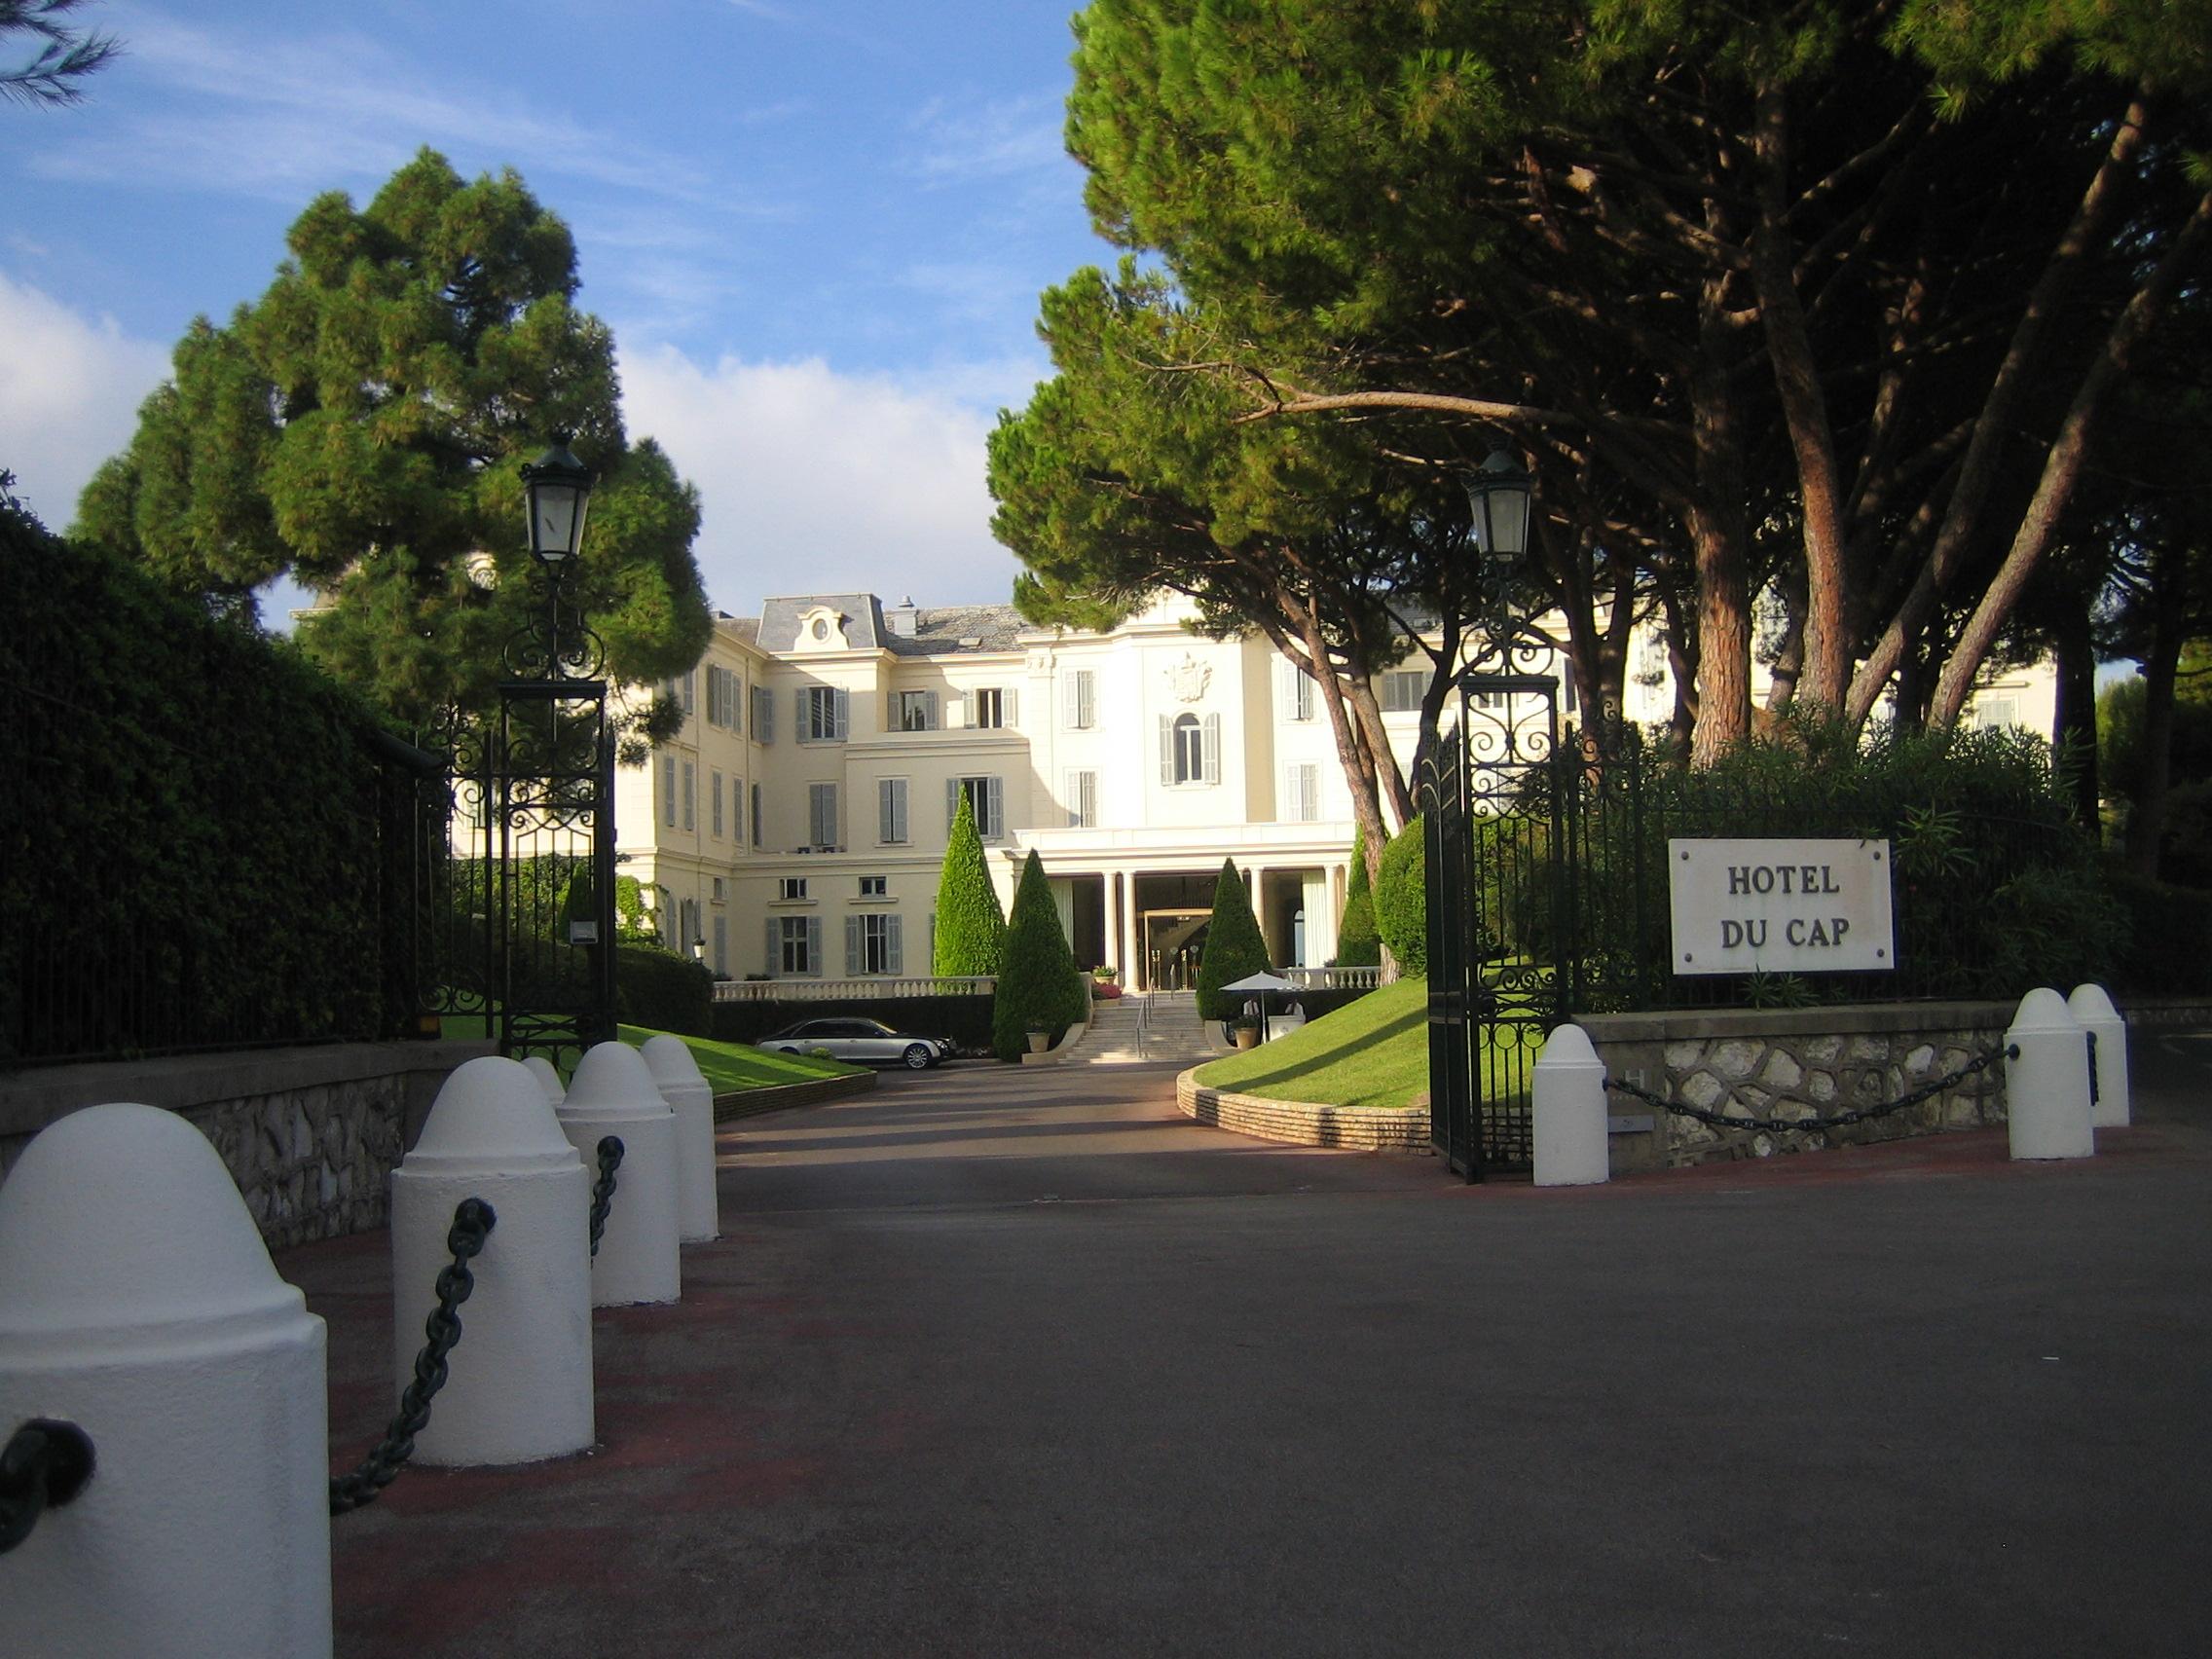 Hotel Du Cap Wikipedia